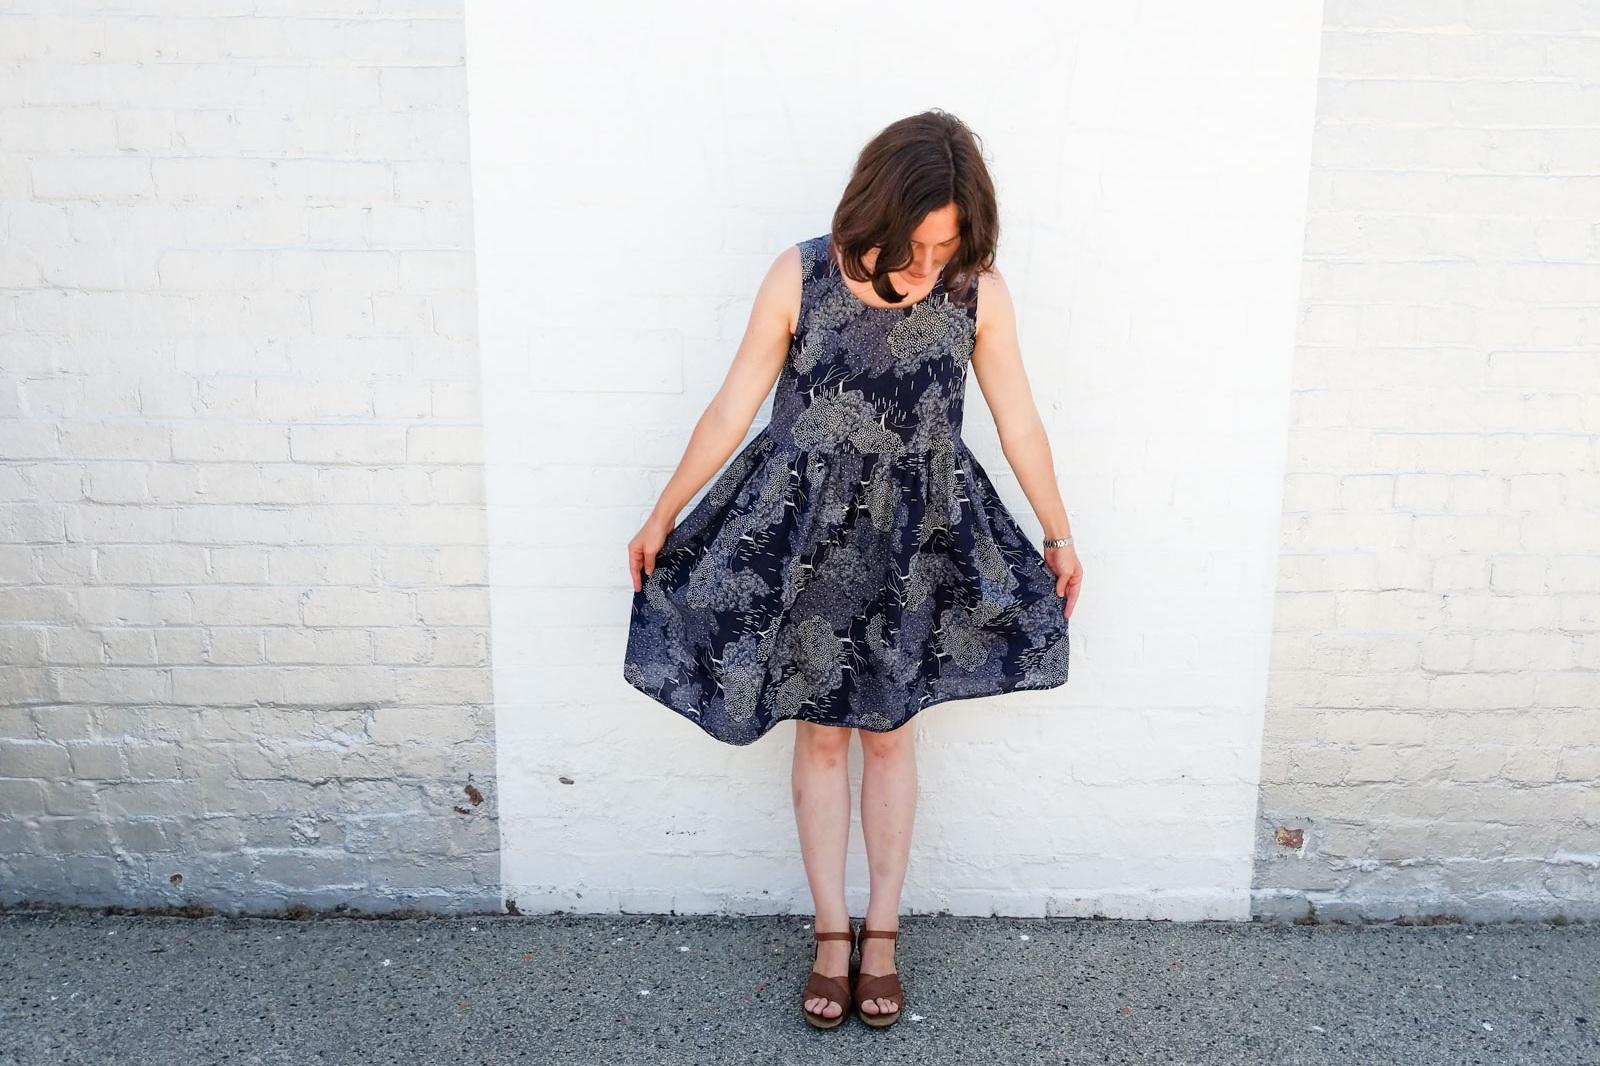 Peplum+dress+3.jpg